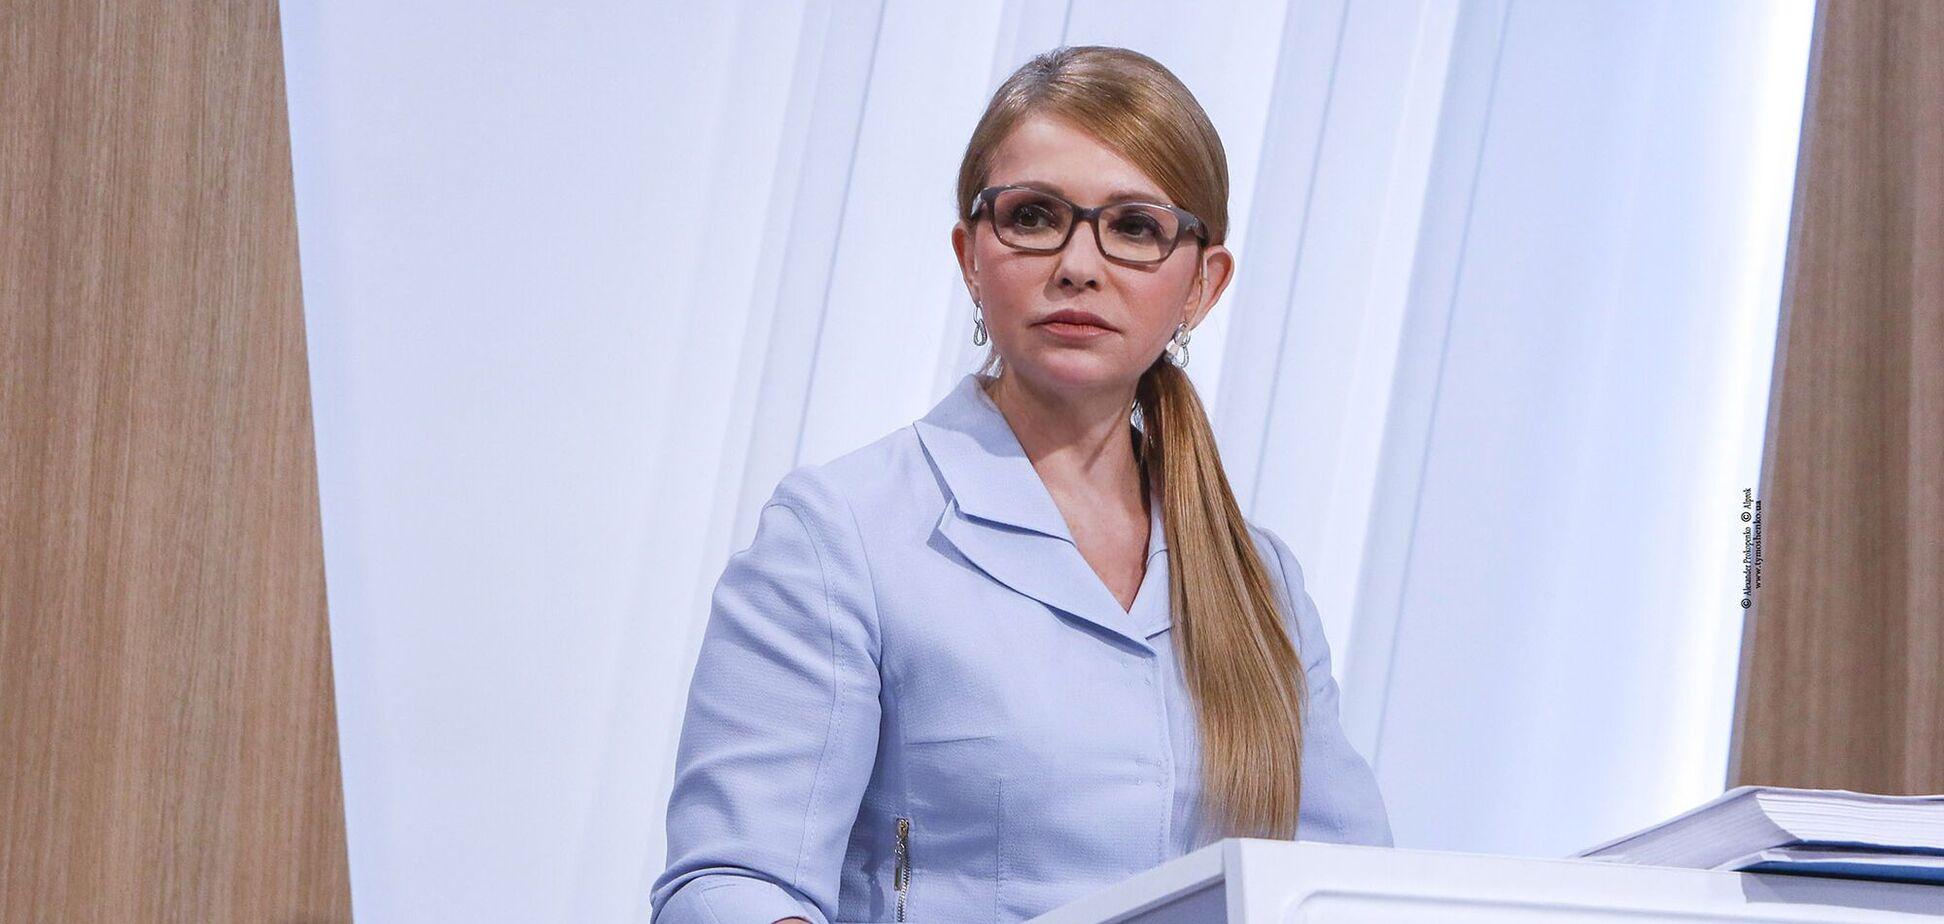 Тимошенко призвала восстановить единство Украины, назвав войну 'раной'